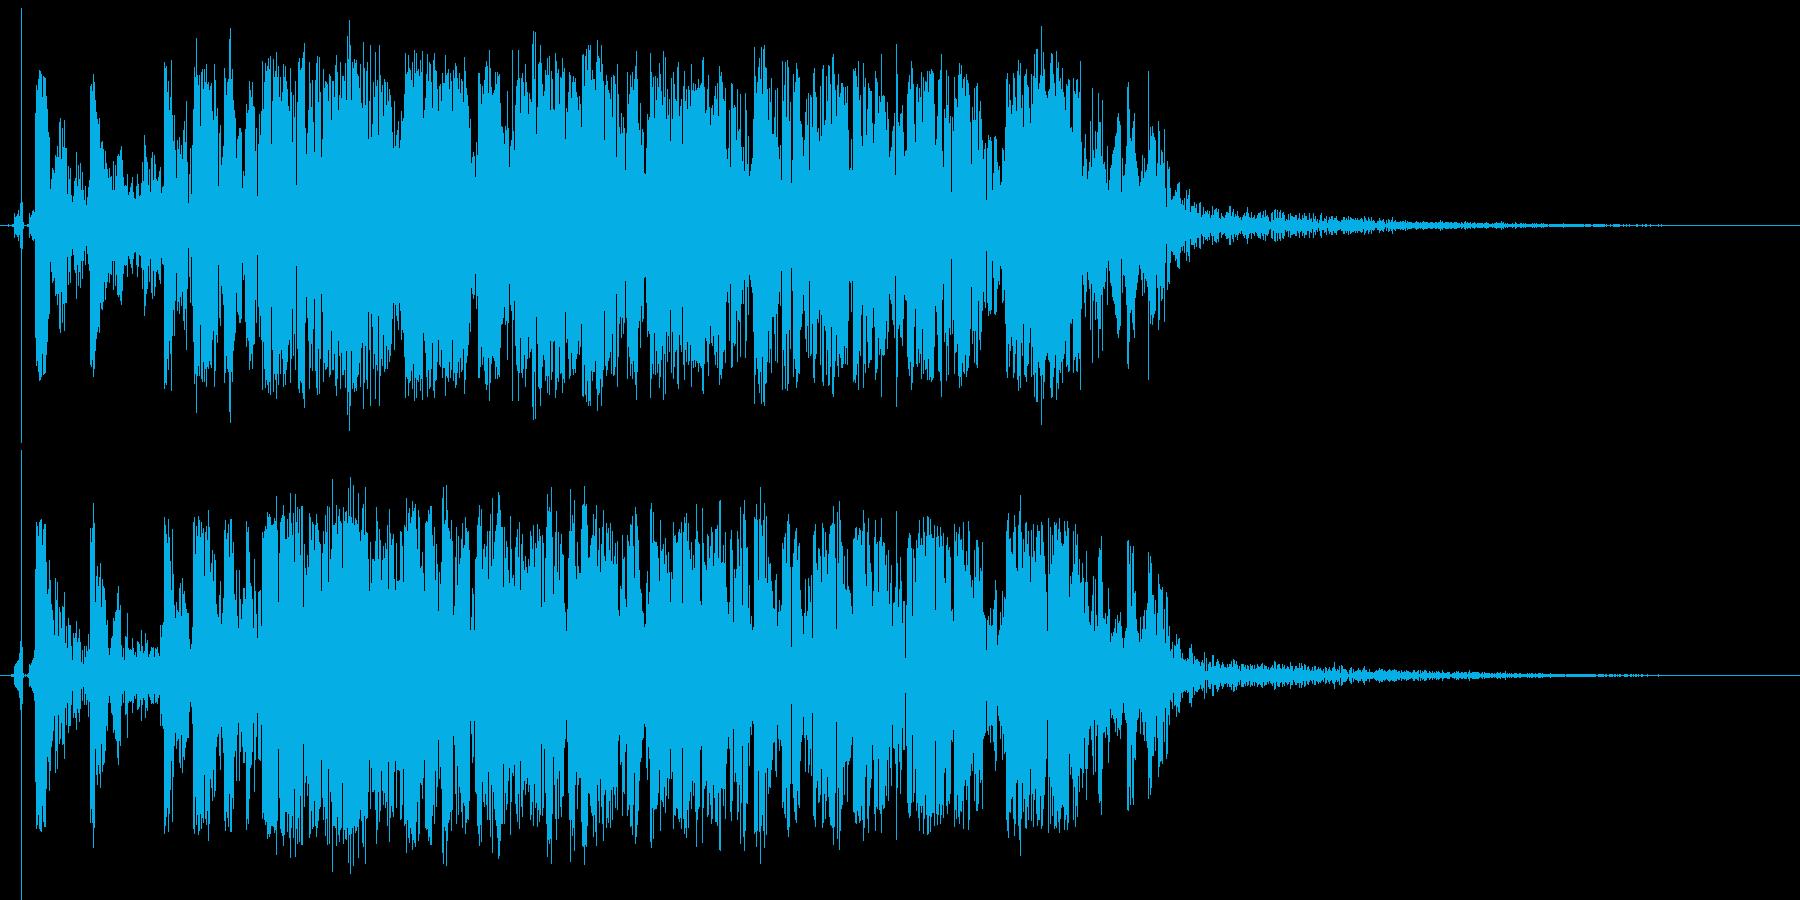 ドンパァ〜!リアルな連続花火の効果音!1の再生済みの波形